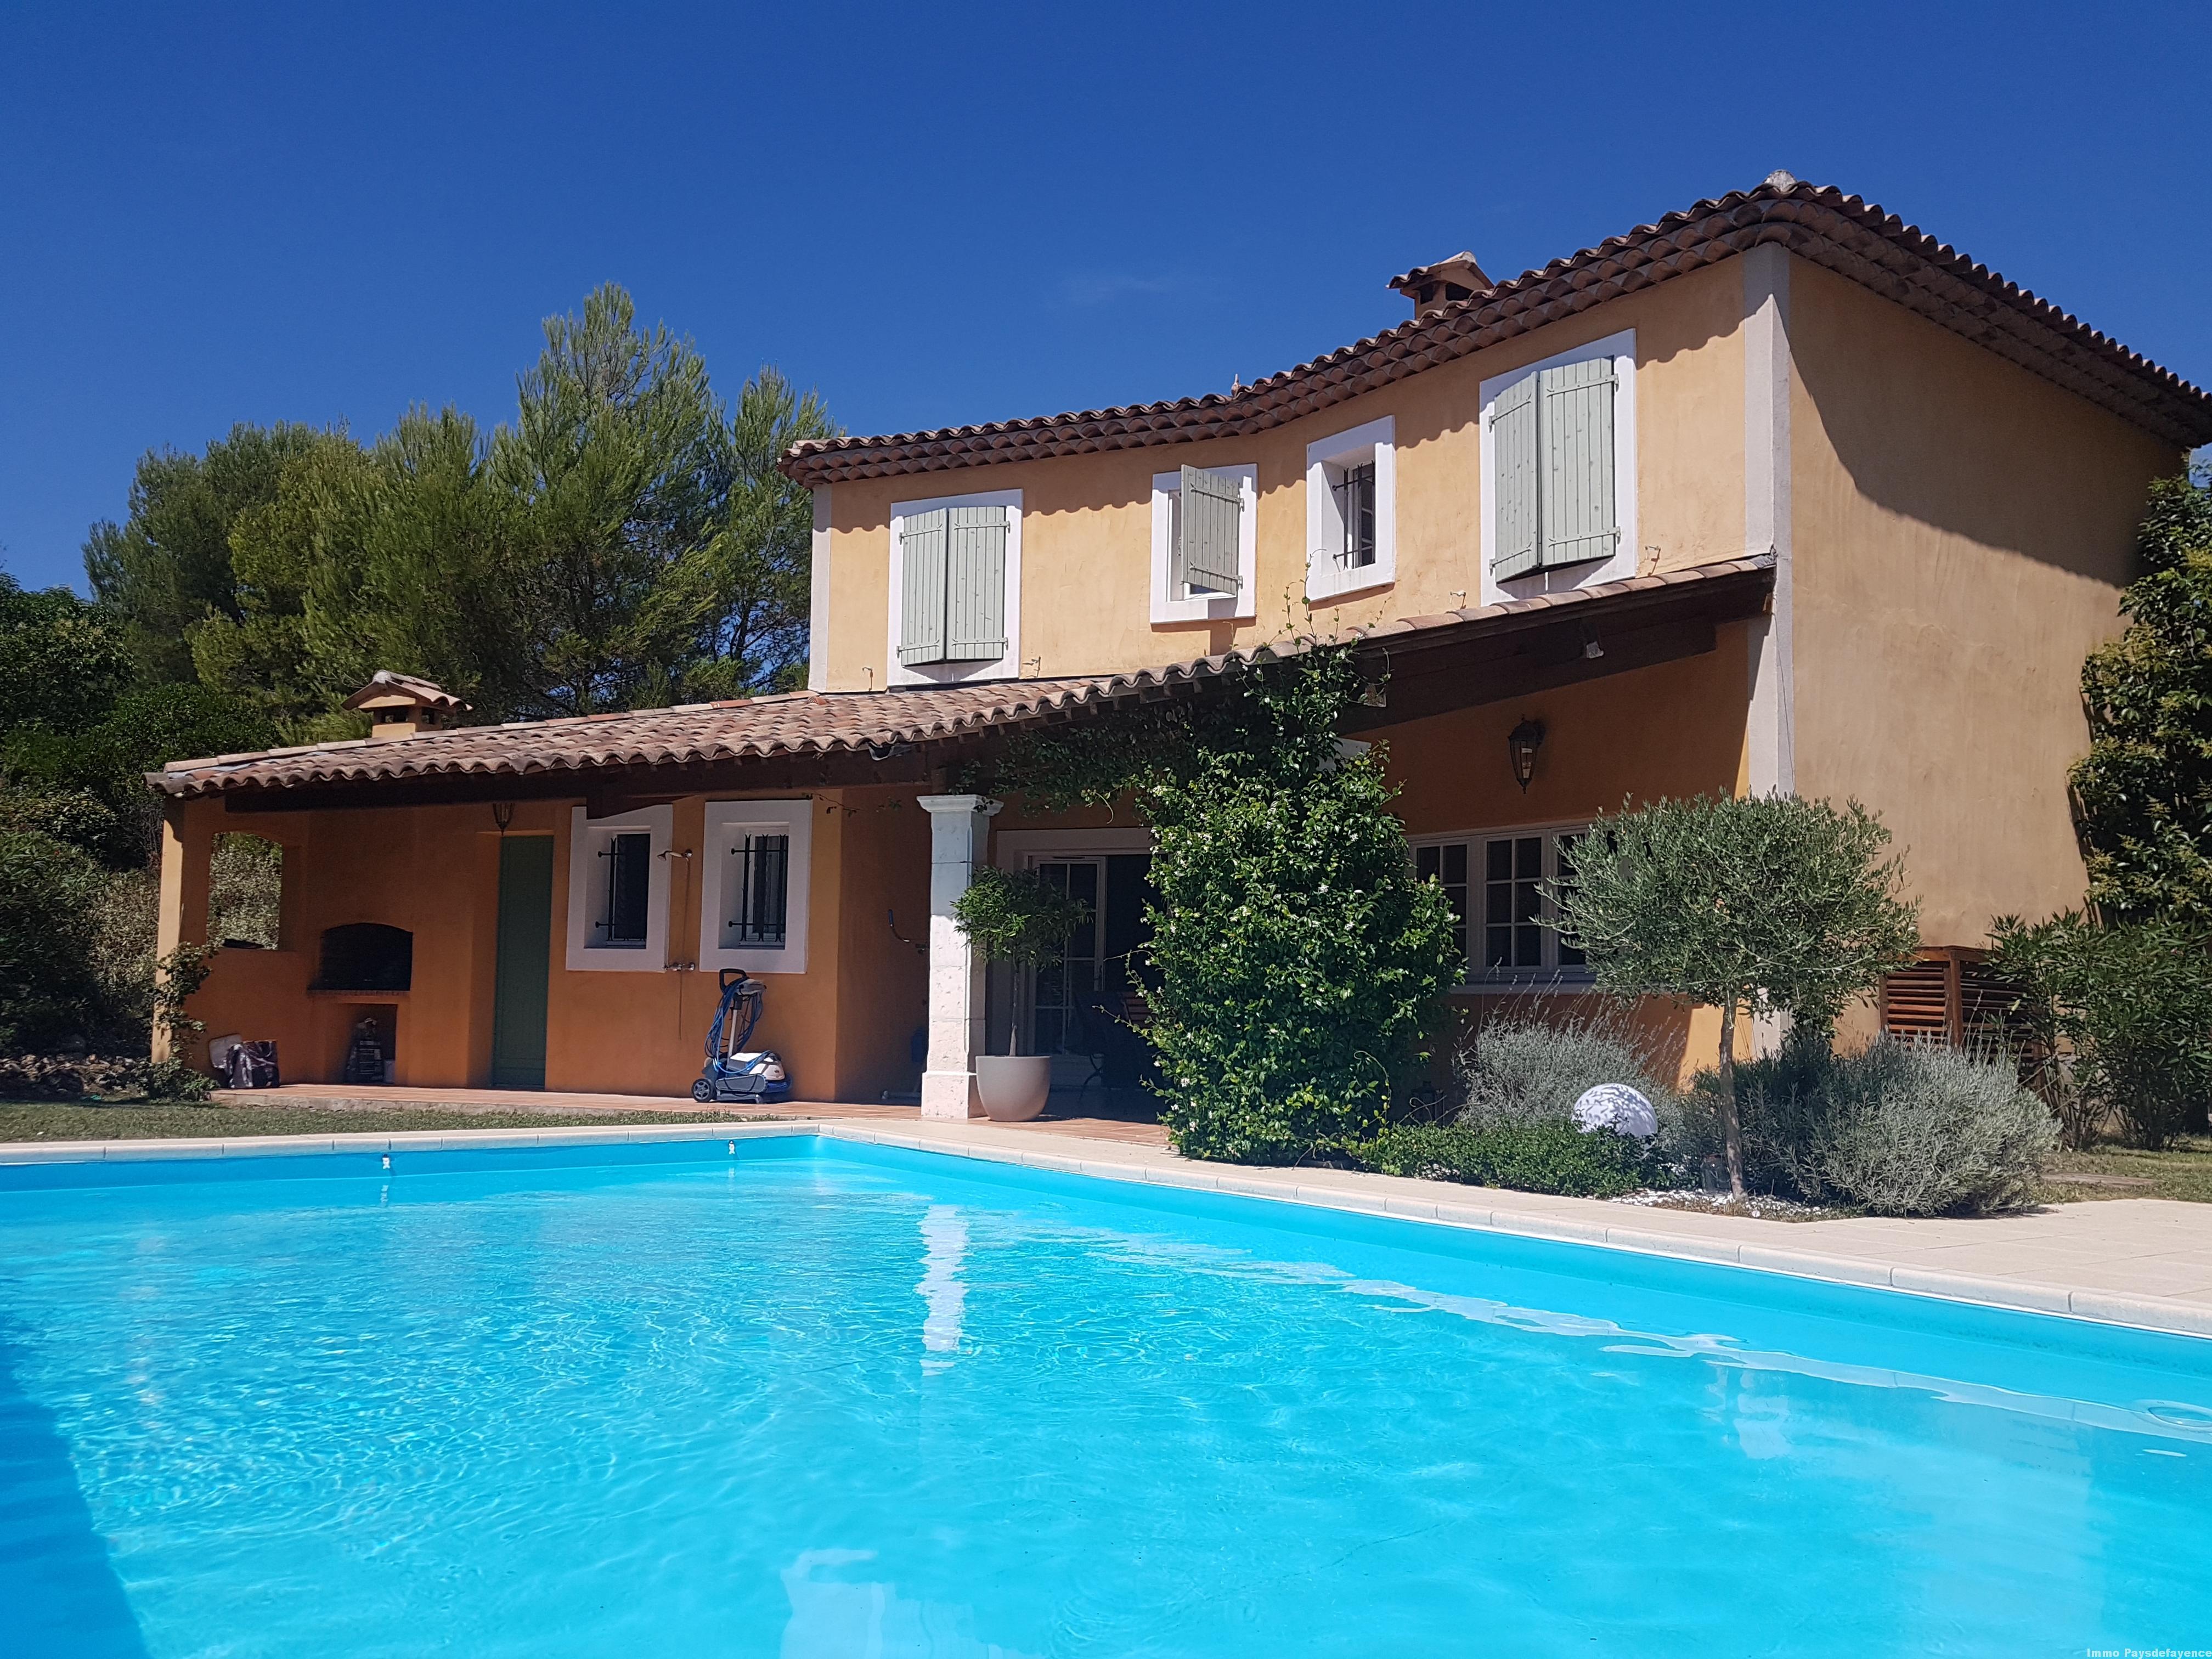 Villa avec piscine dans un domaine sécurisé à Fayence